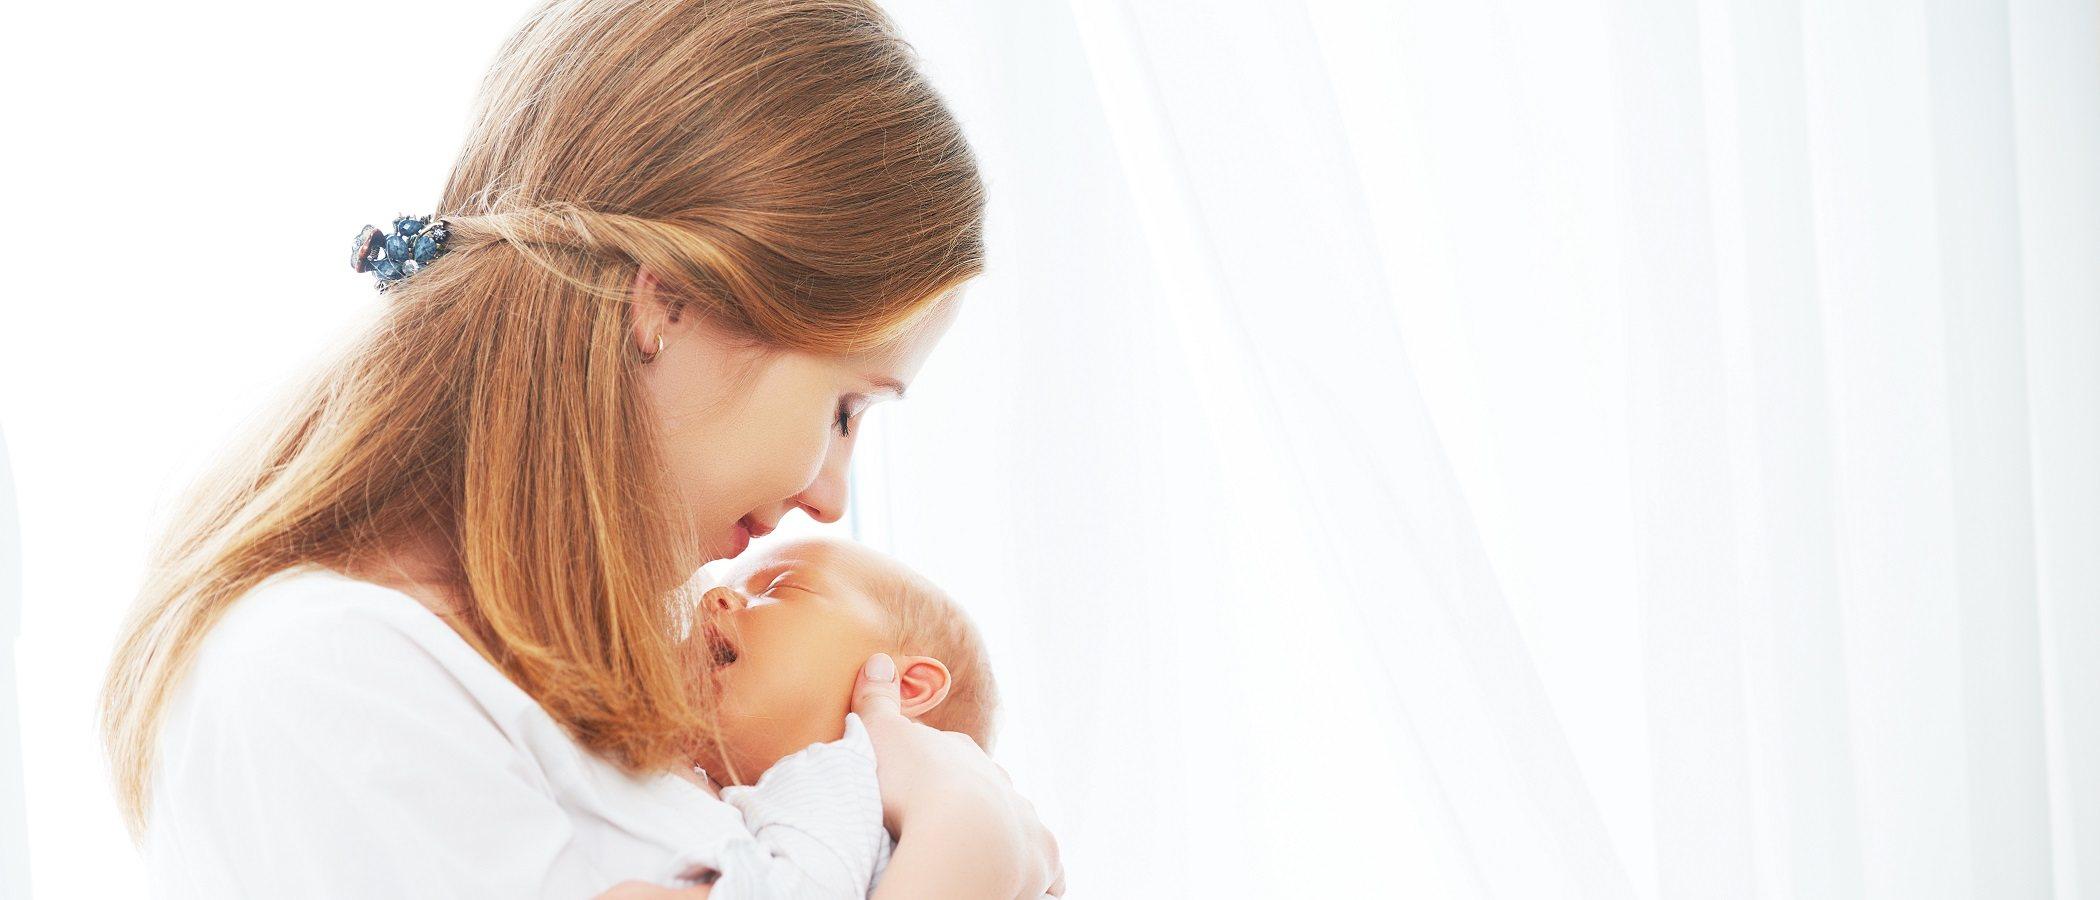 Un recién nacido puede que no muestre dolor aunque lo sienta